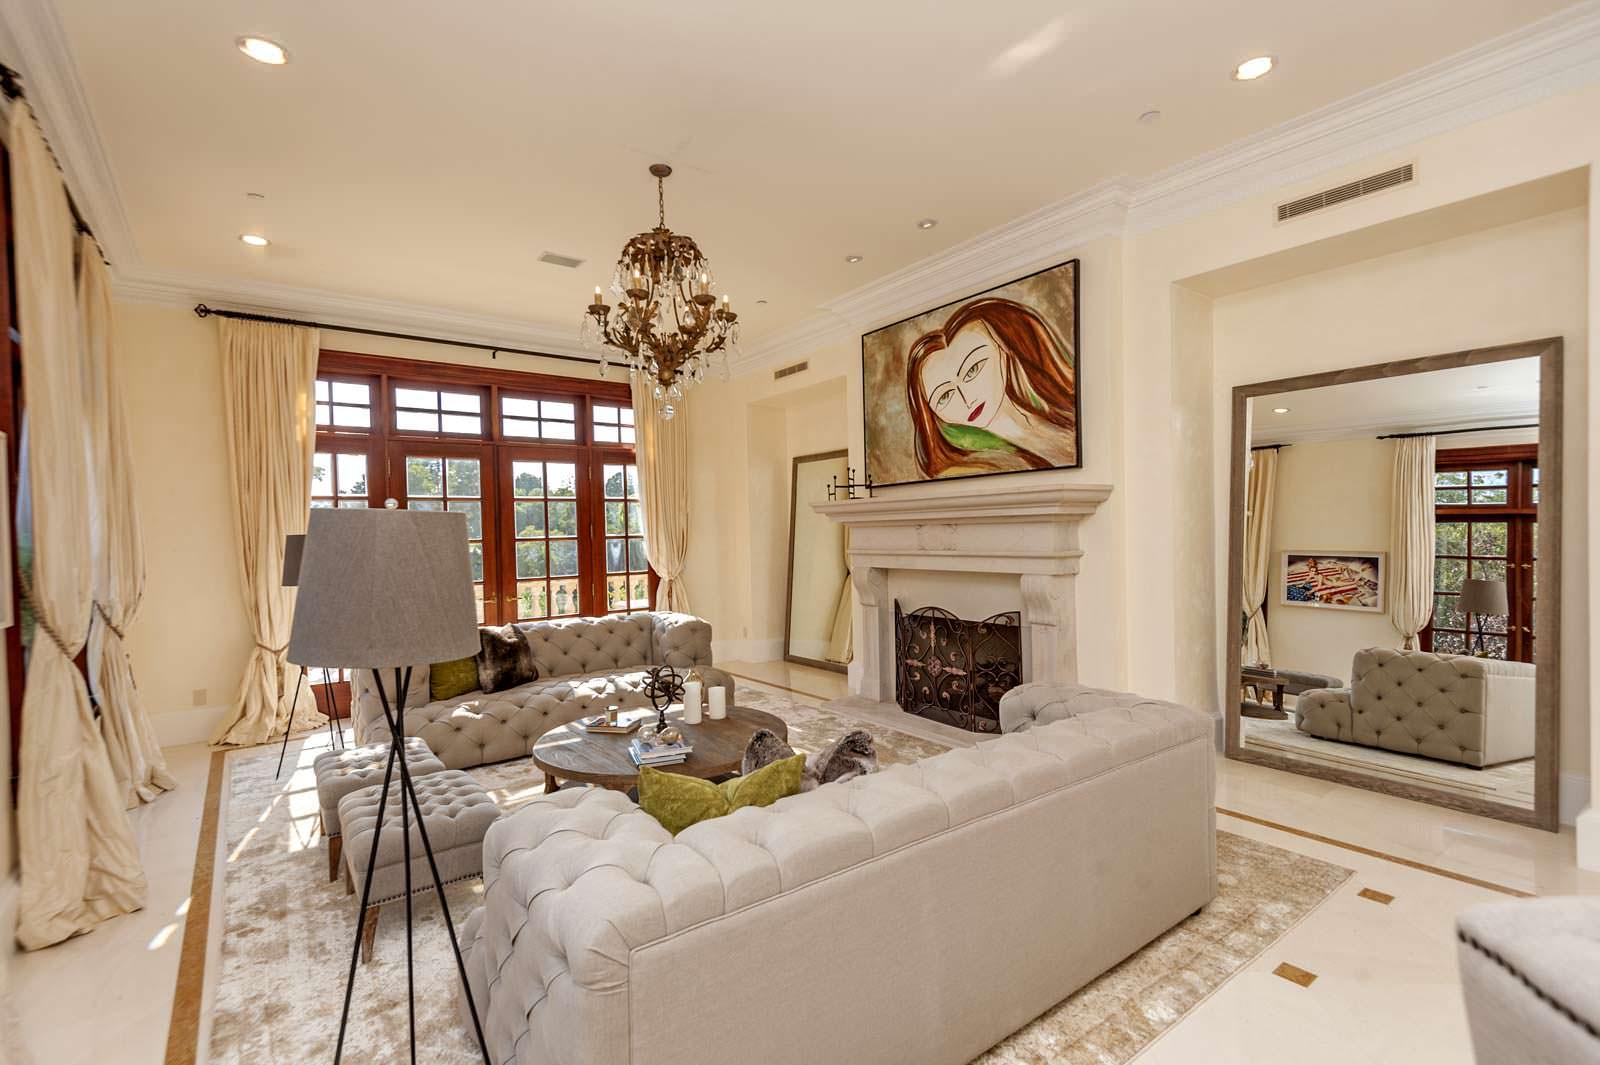 Комната с камином и диванами